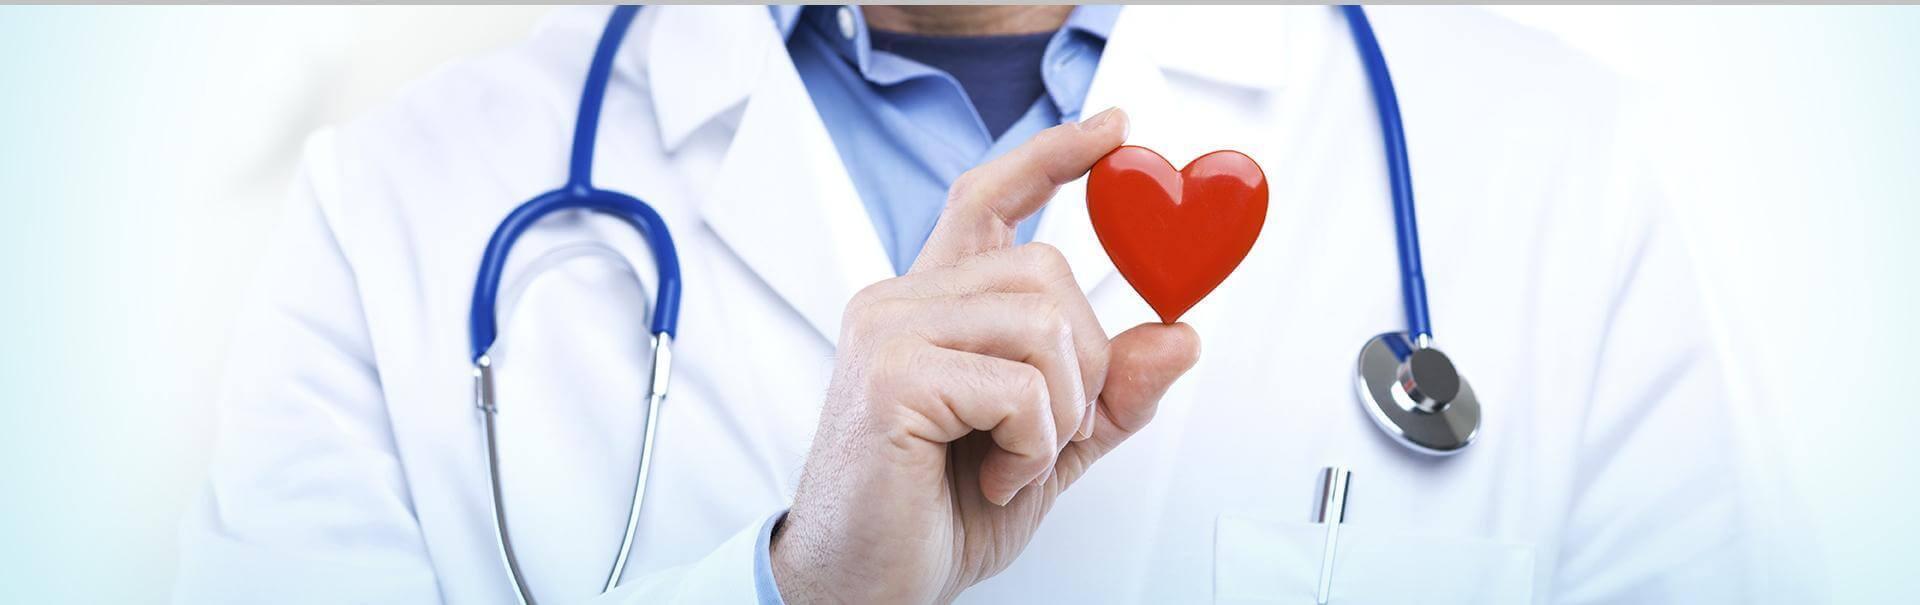 Come diventare Medico cardiologo - UnidTest